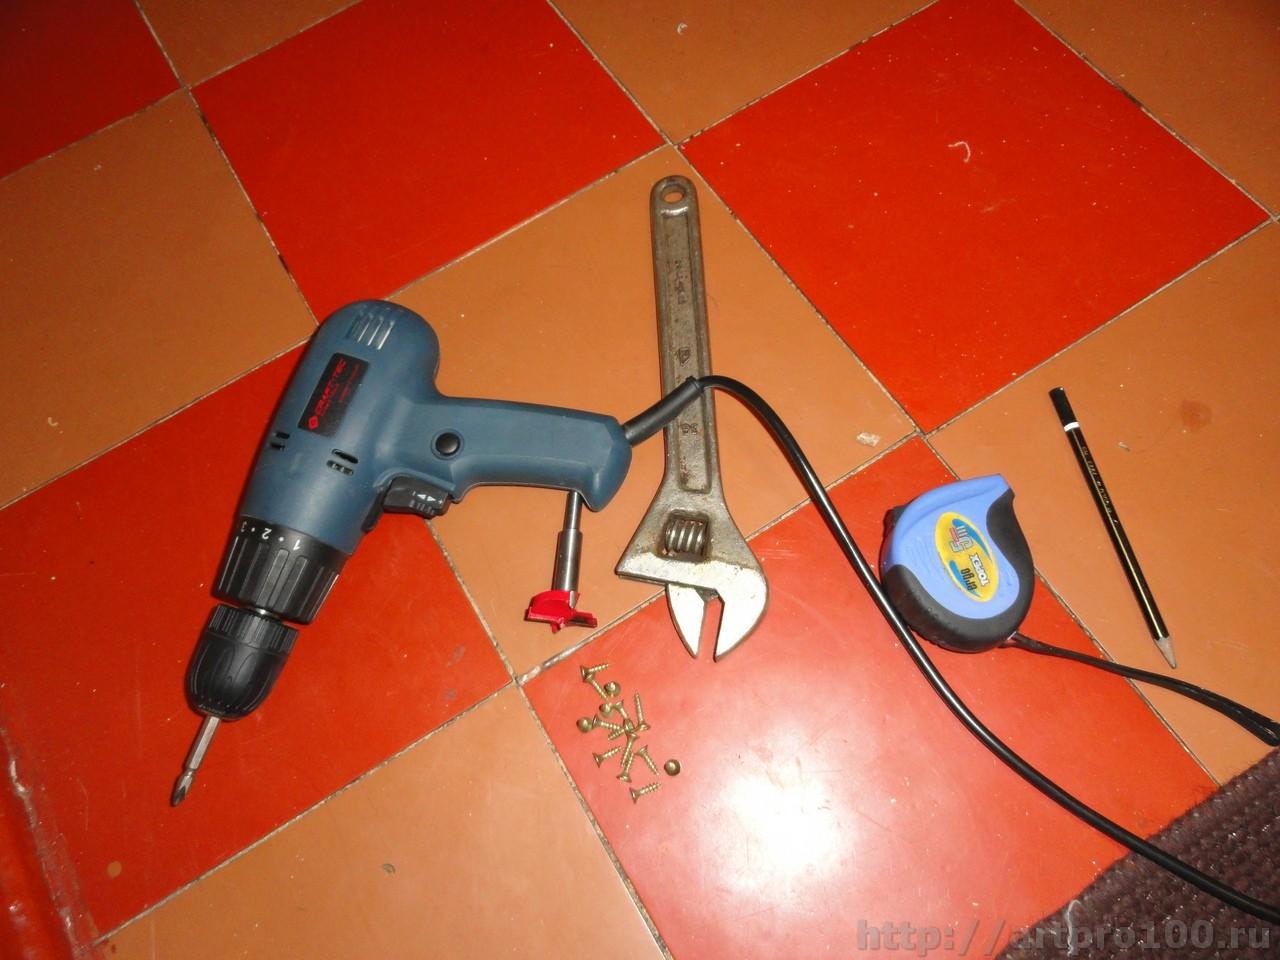 Необходимый инструмент для установки мебельной петли